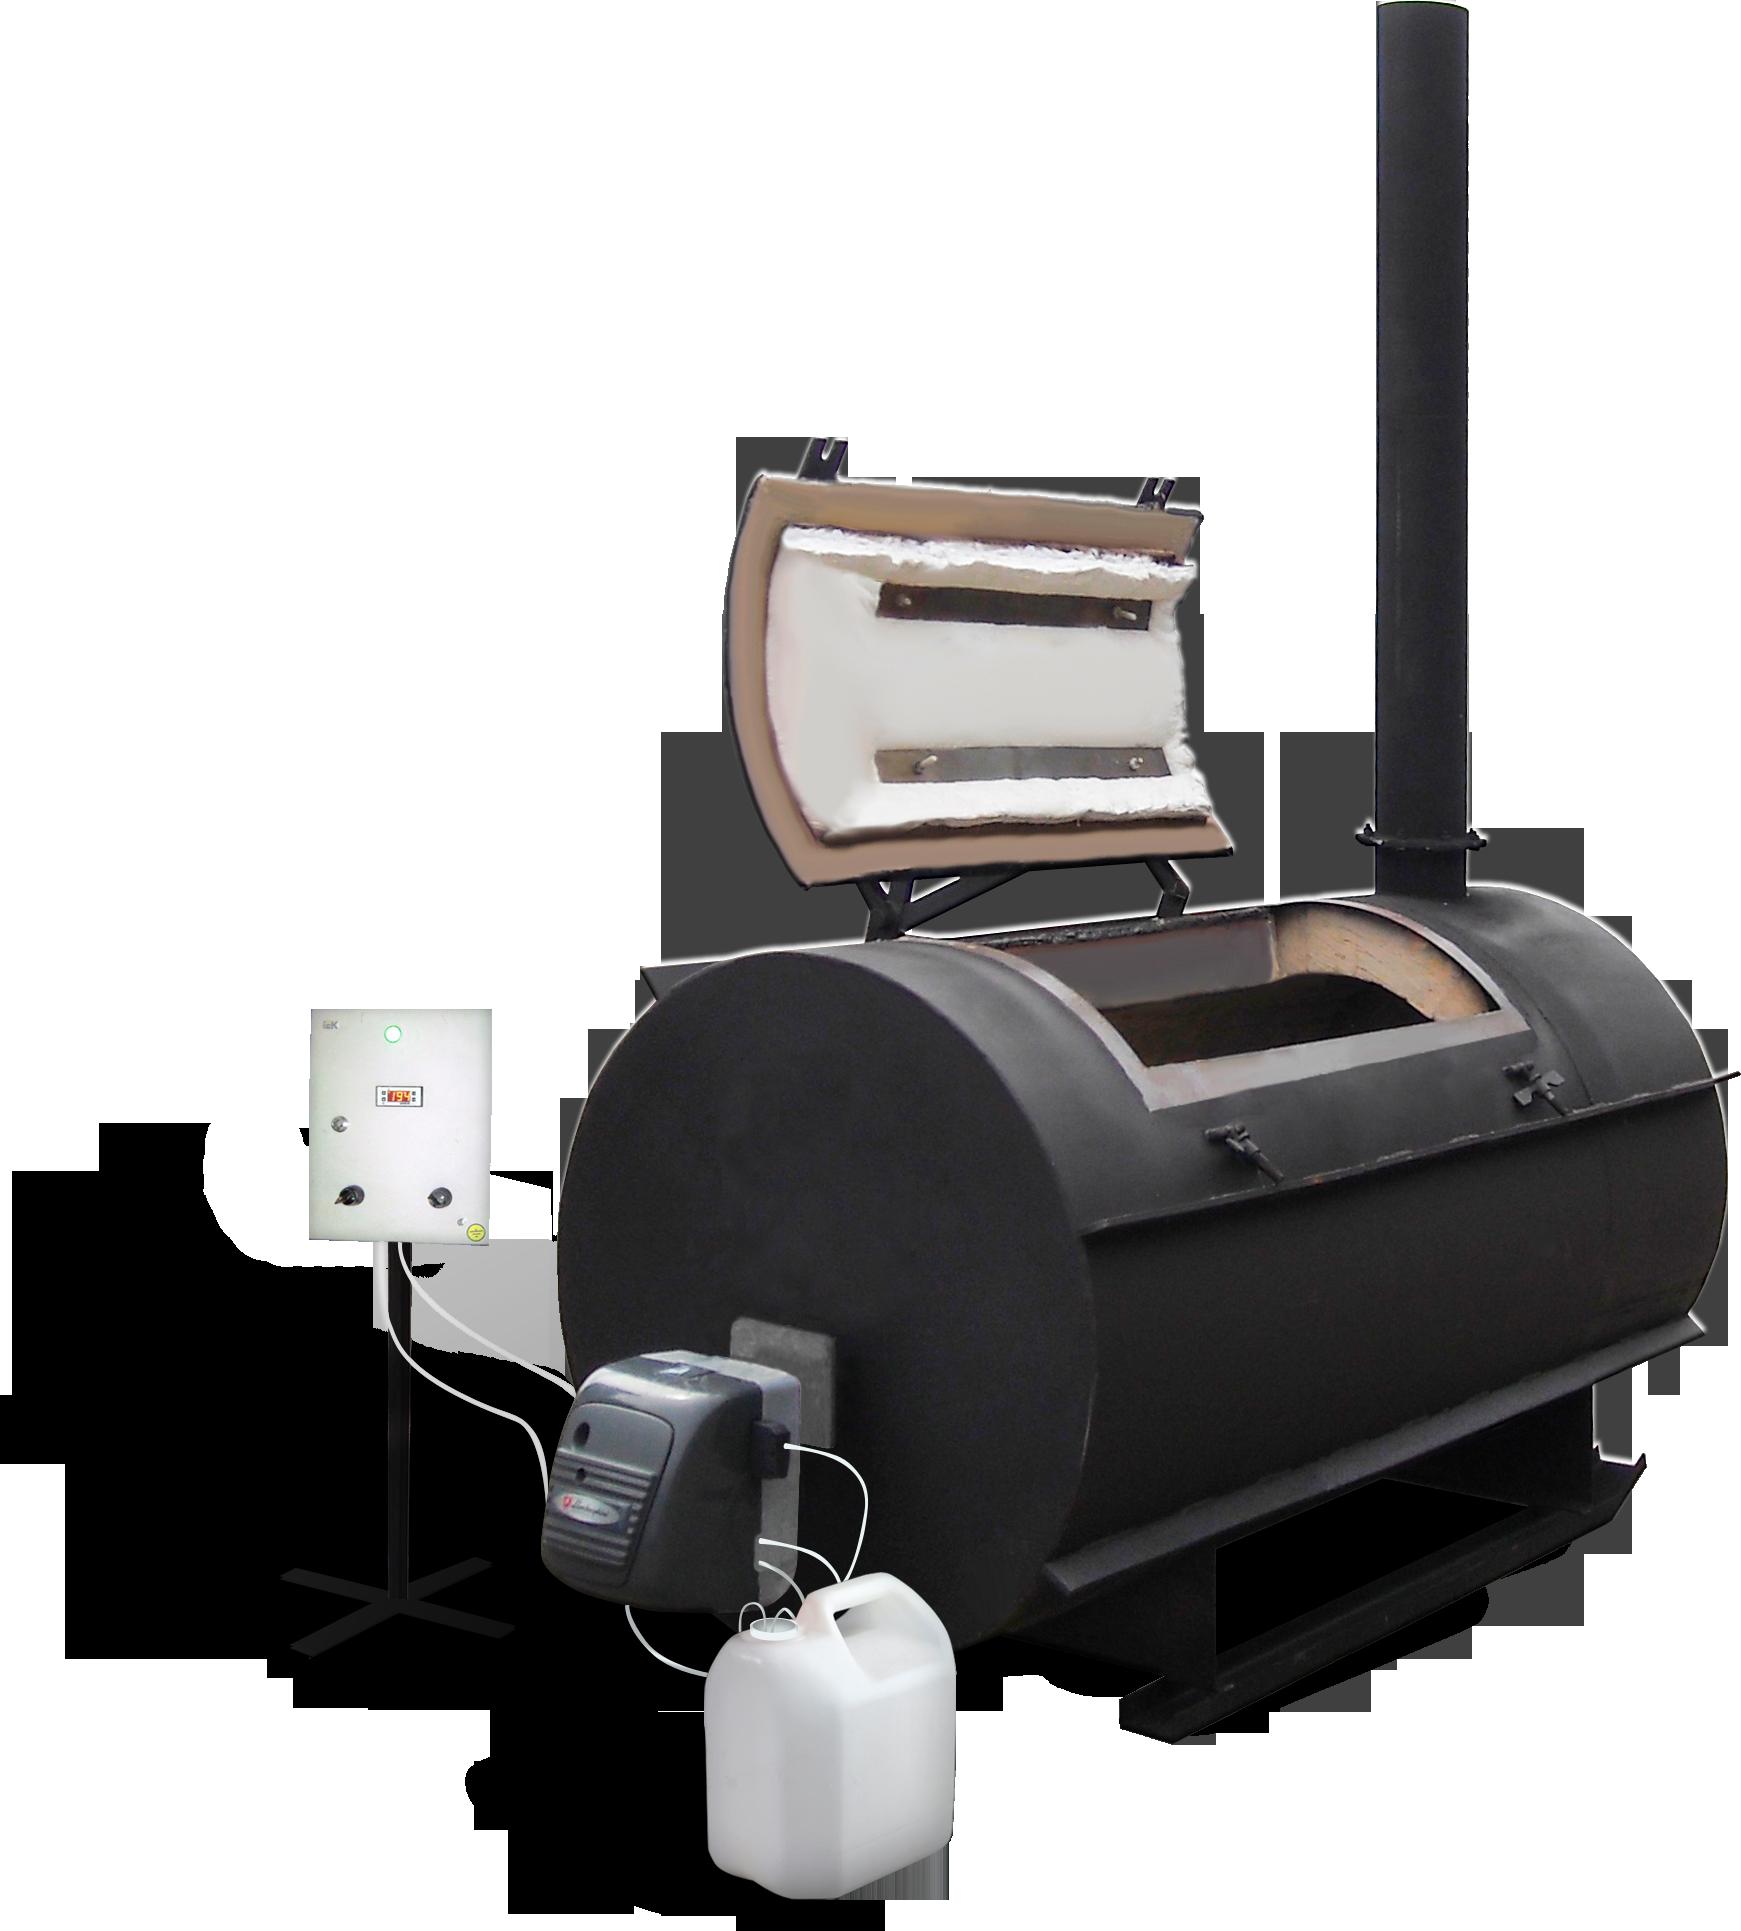 крематоры, инсинераторы, сжигание отходов